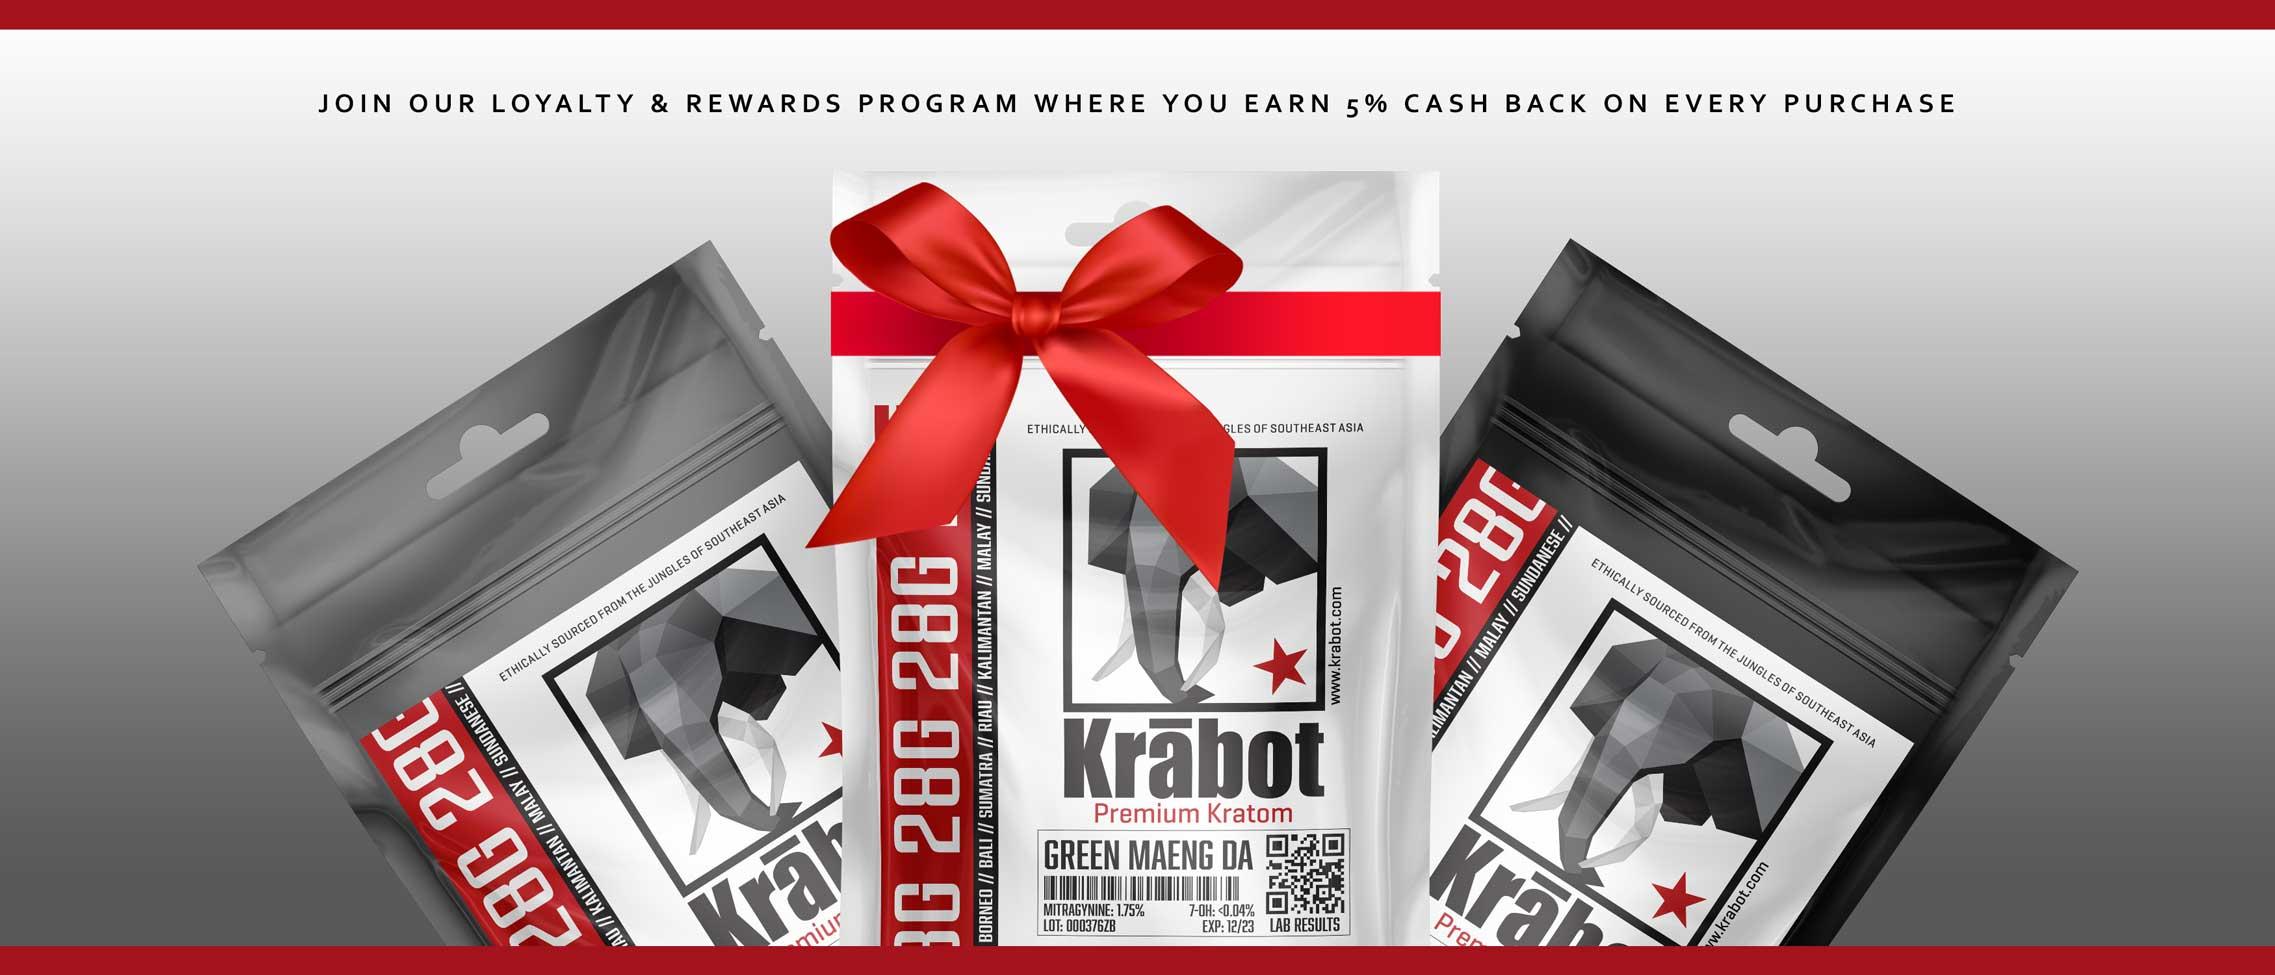 Krabot Rewards & Loyalty Program